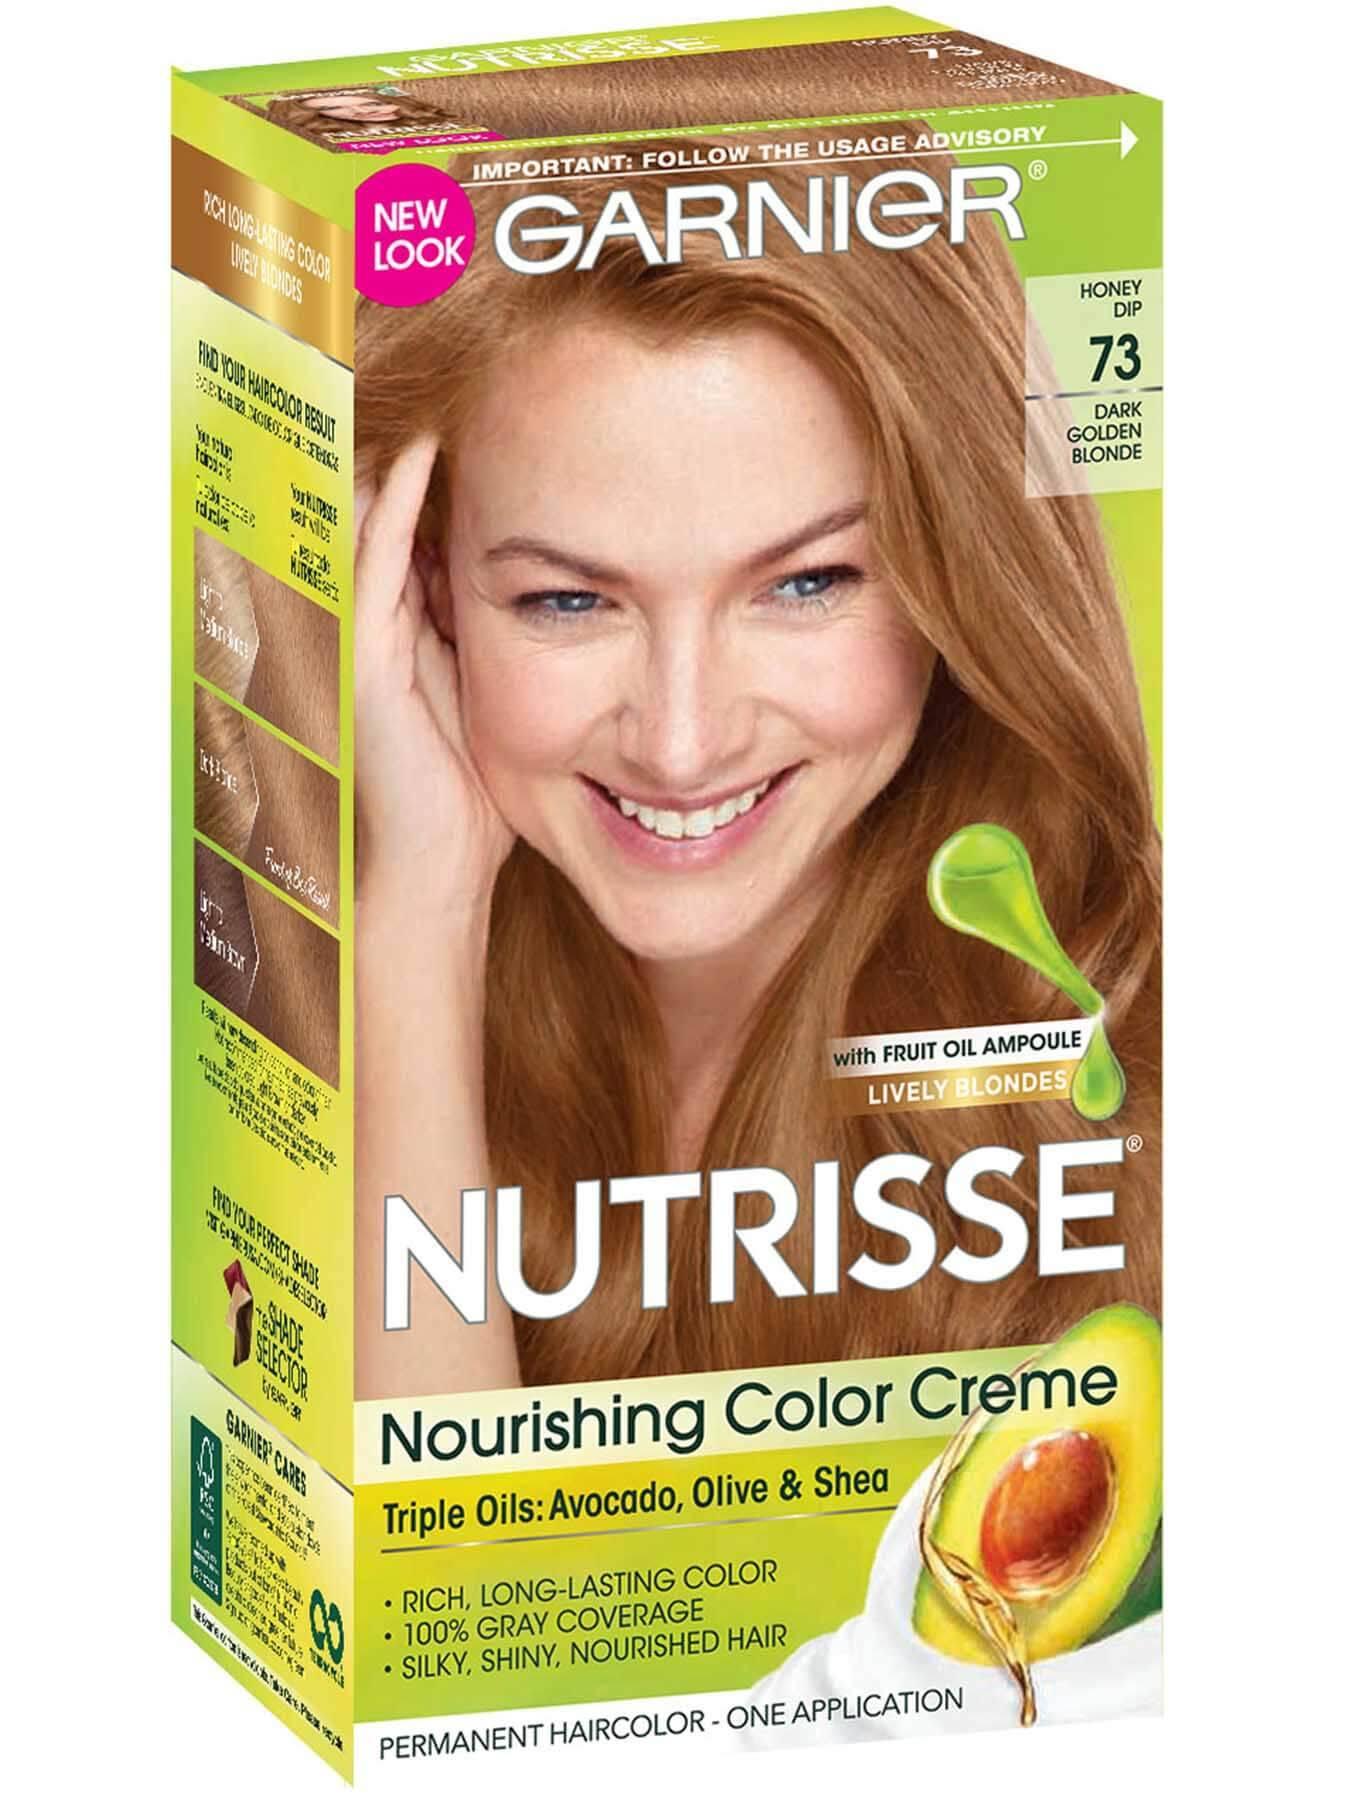 Nutrisse Nourishing Color Creme Dark Golden Blonde 73